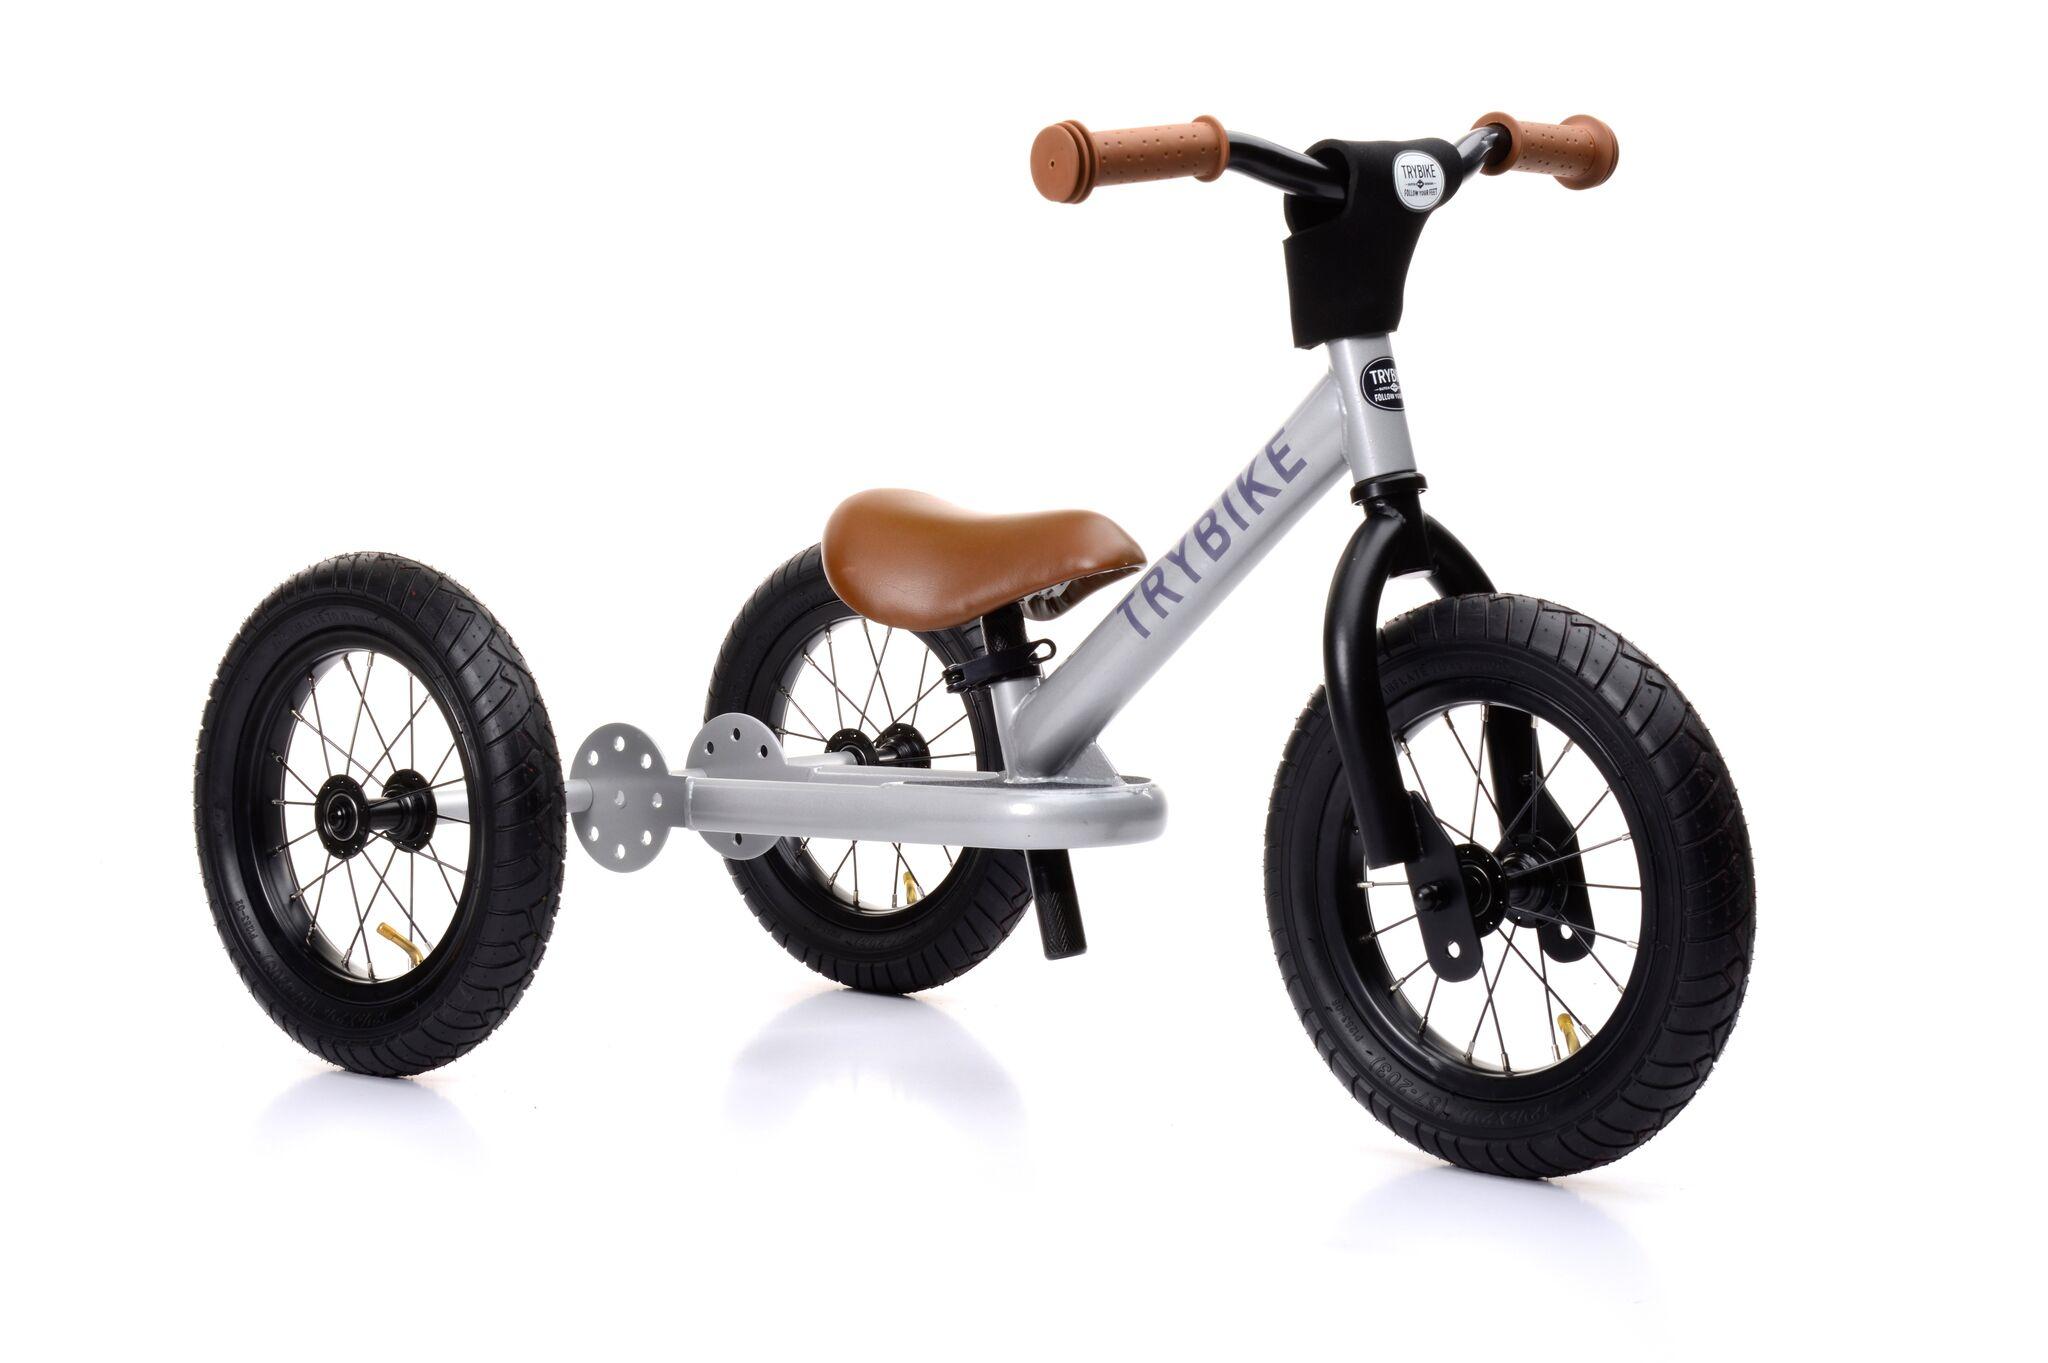 76a50333a14 Trybike Balancecykel - 3hjul, Stål/Sølvfarvet - Løbehjul ...